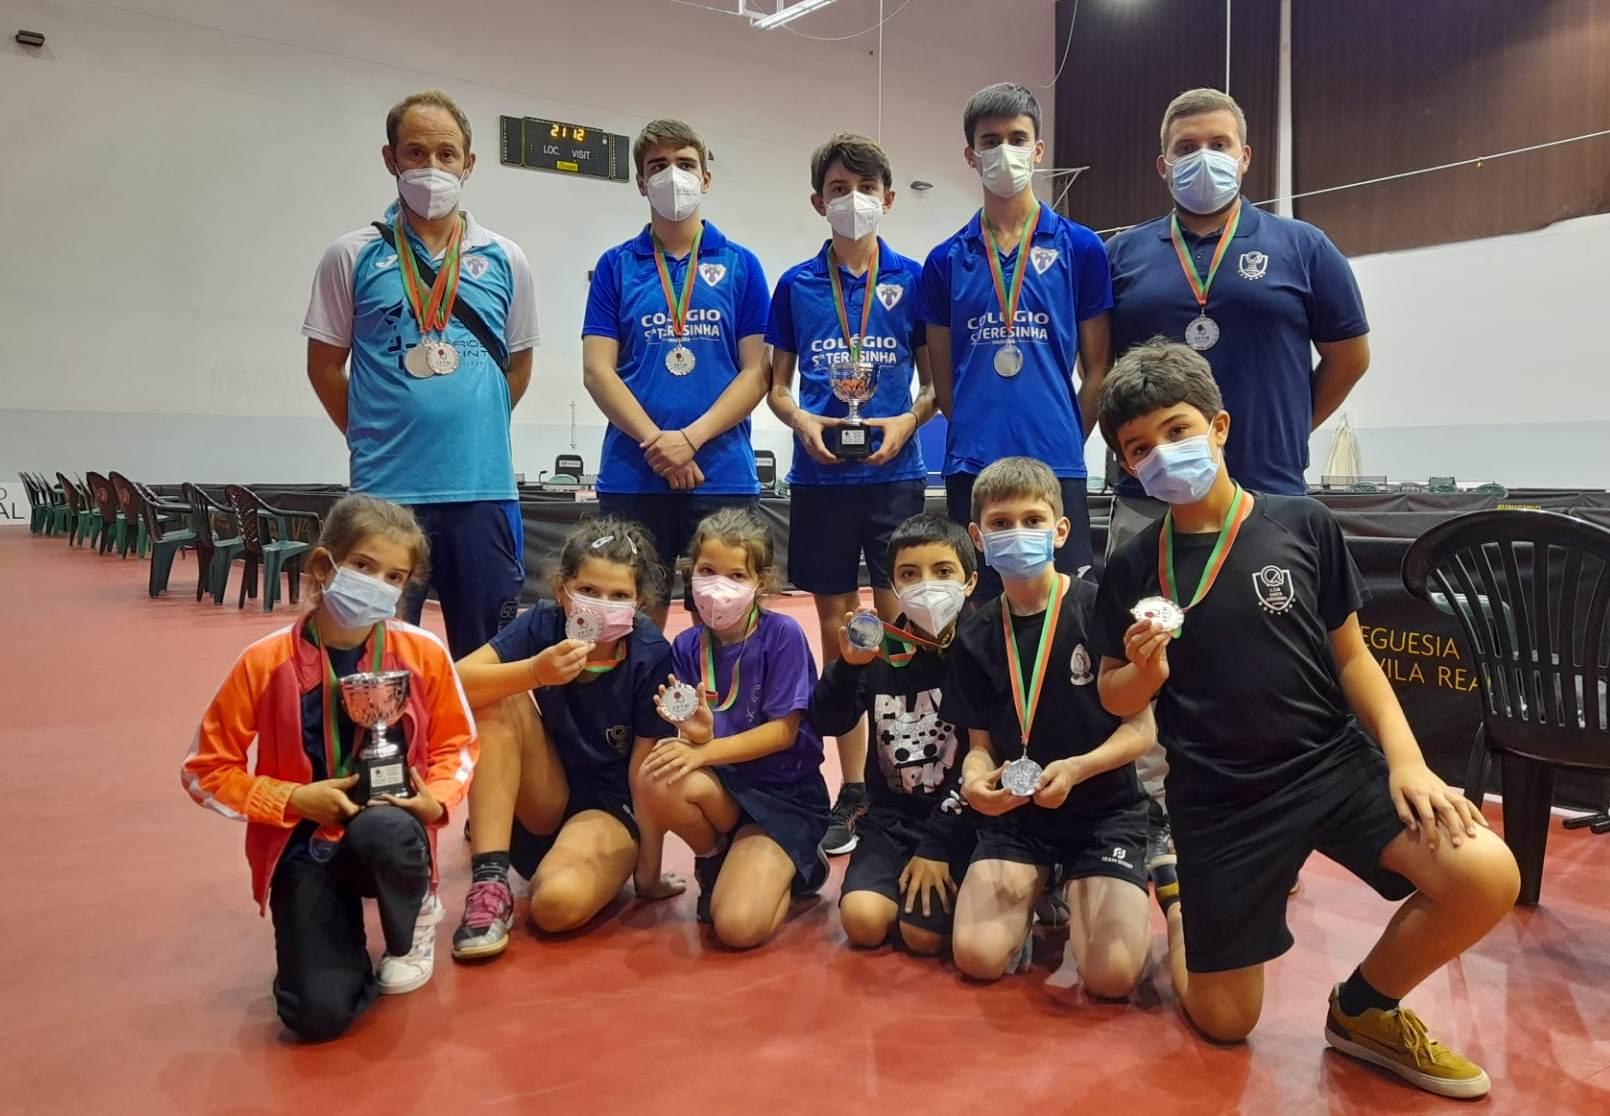 Campeonato Nacional de Equipas Jovens 2020/2021